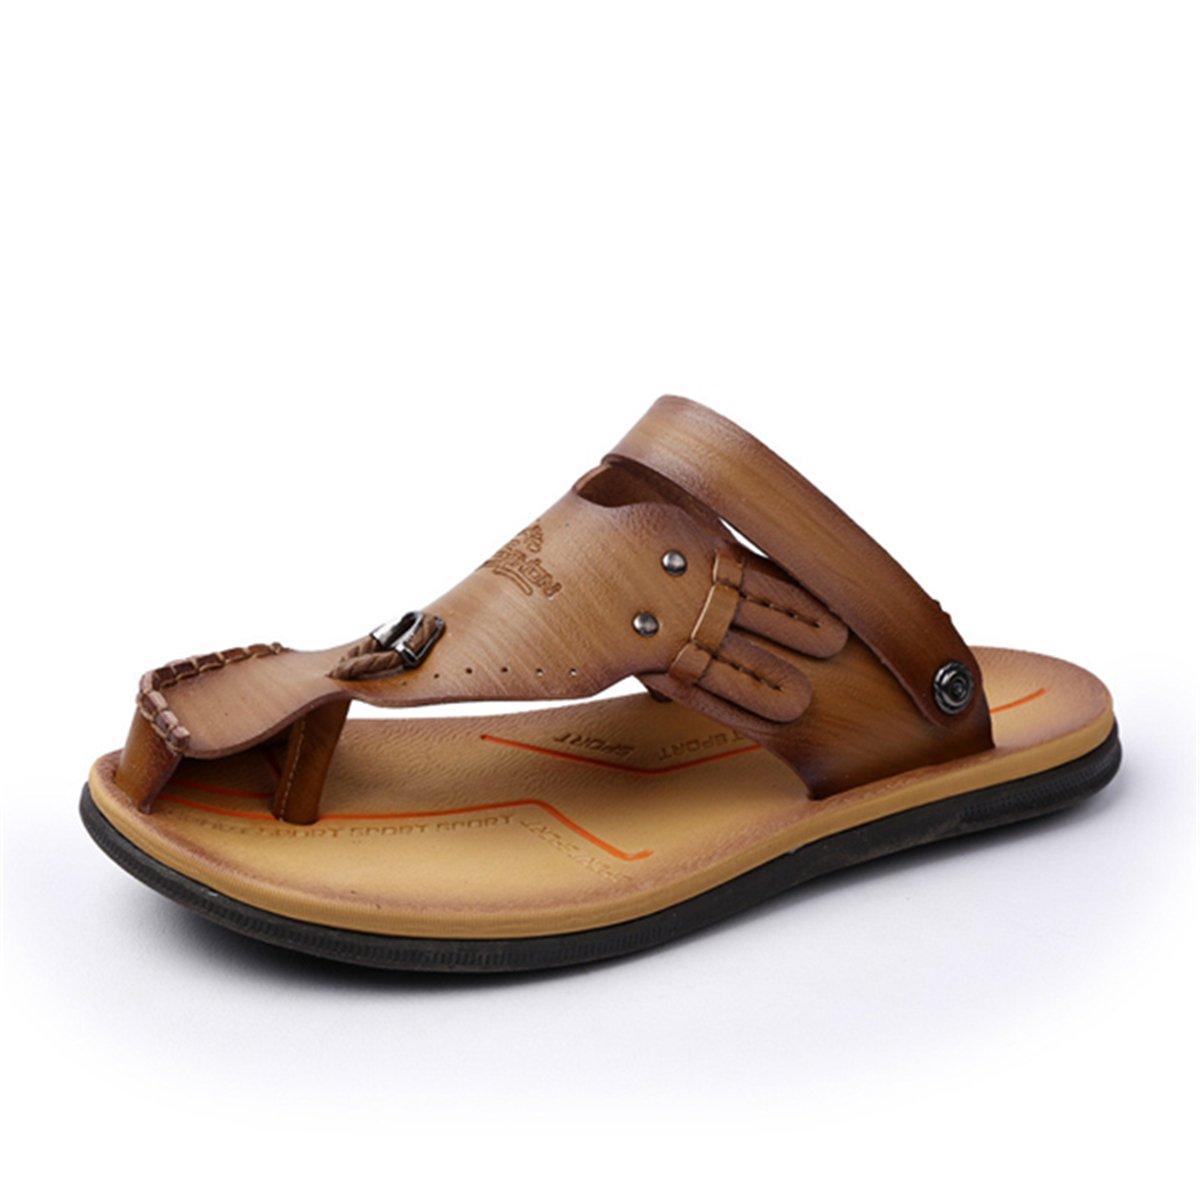 Gracosy Flip Flops, Unisex Zehentrenner Flache Hausschuhe Pantoletten Sommer Schuhe Slippers Weich Anti-Rutsch T-Strap Sandalen fuuml;r Herren Damenr  39 EU|Khaki